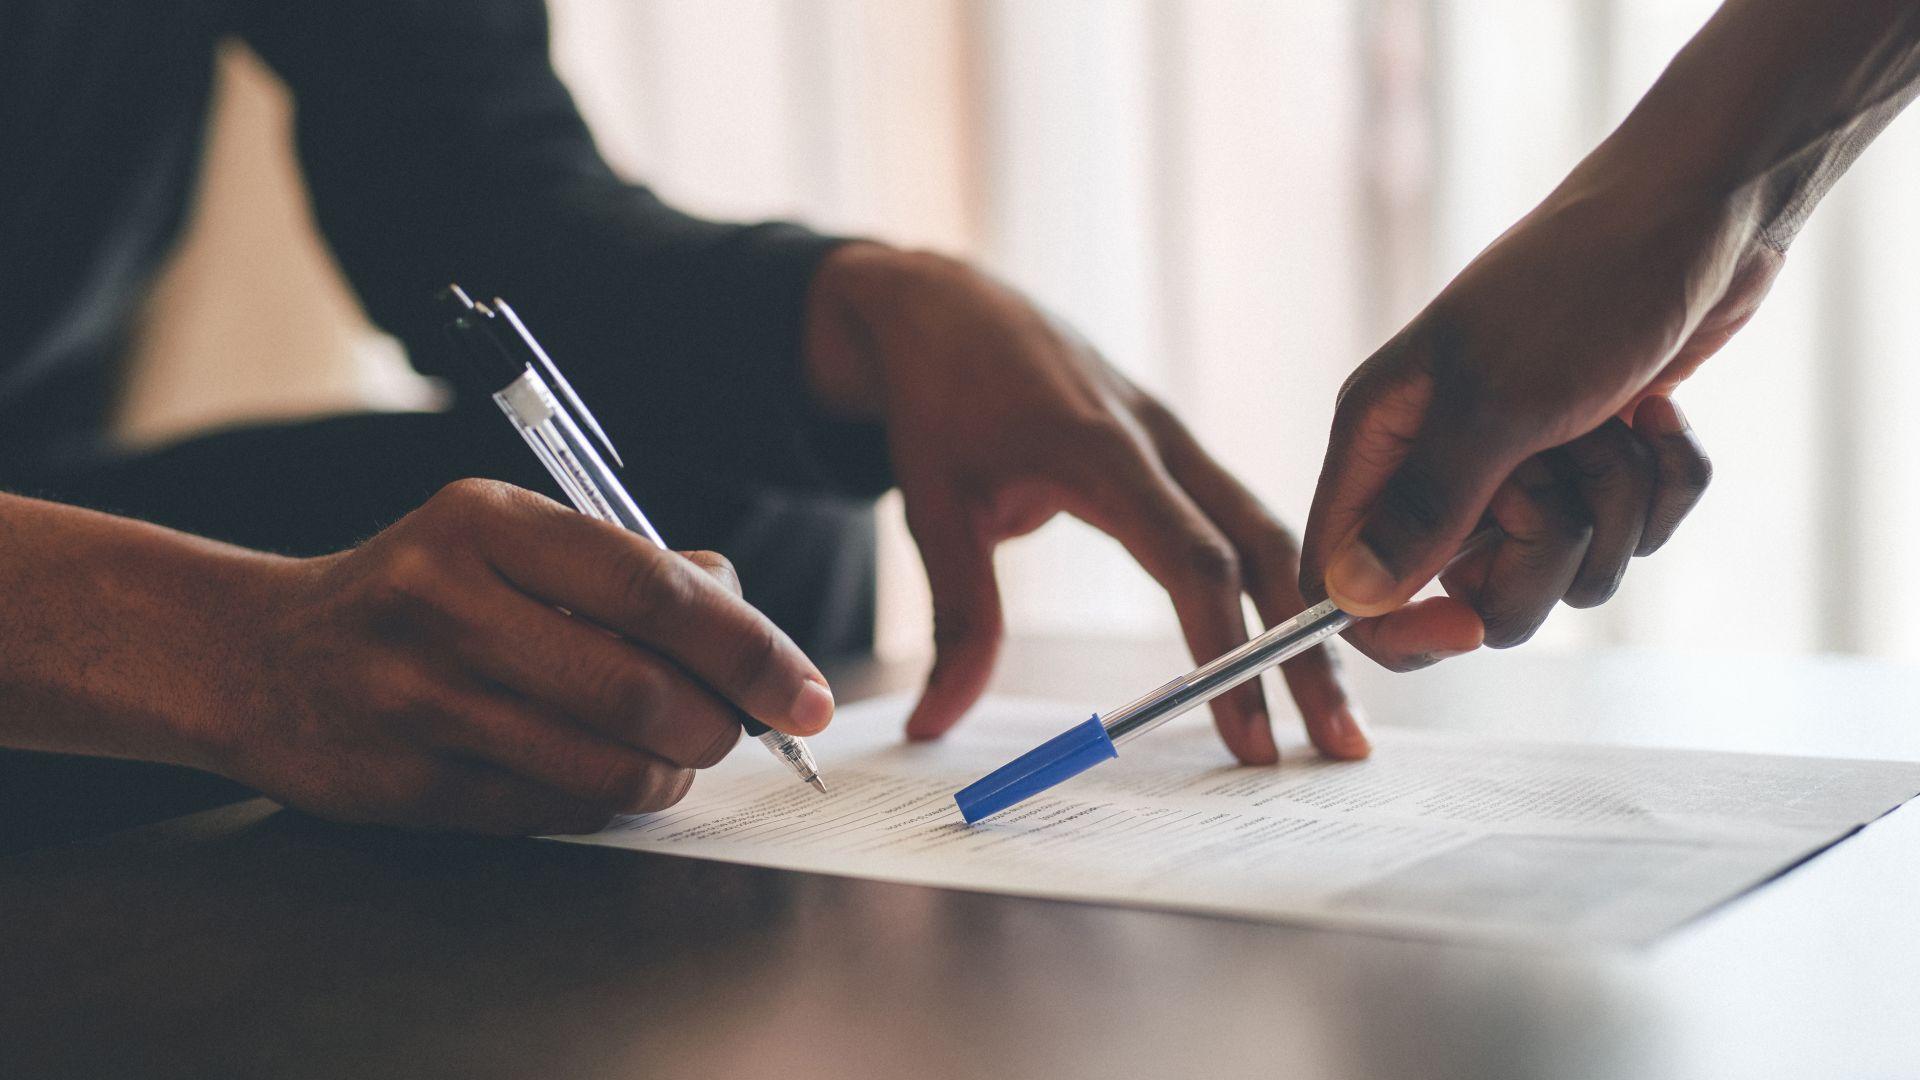 НПО: Общите условия на фирмите за бързи кредити и телекомите не са одобрявани от КЗП